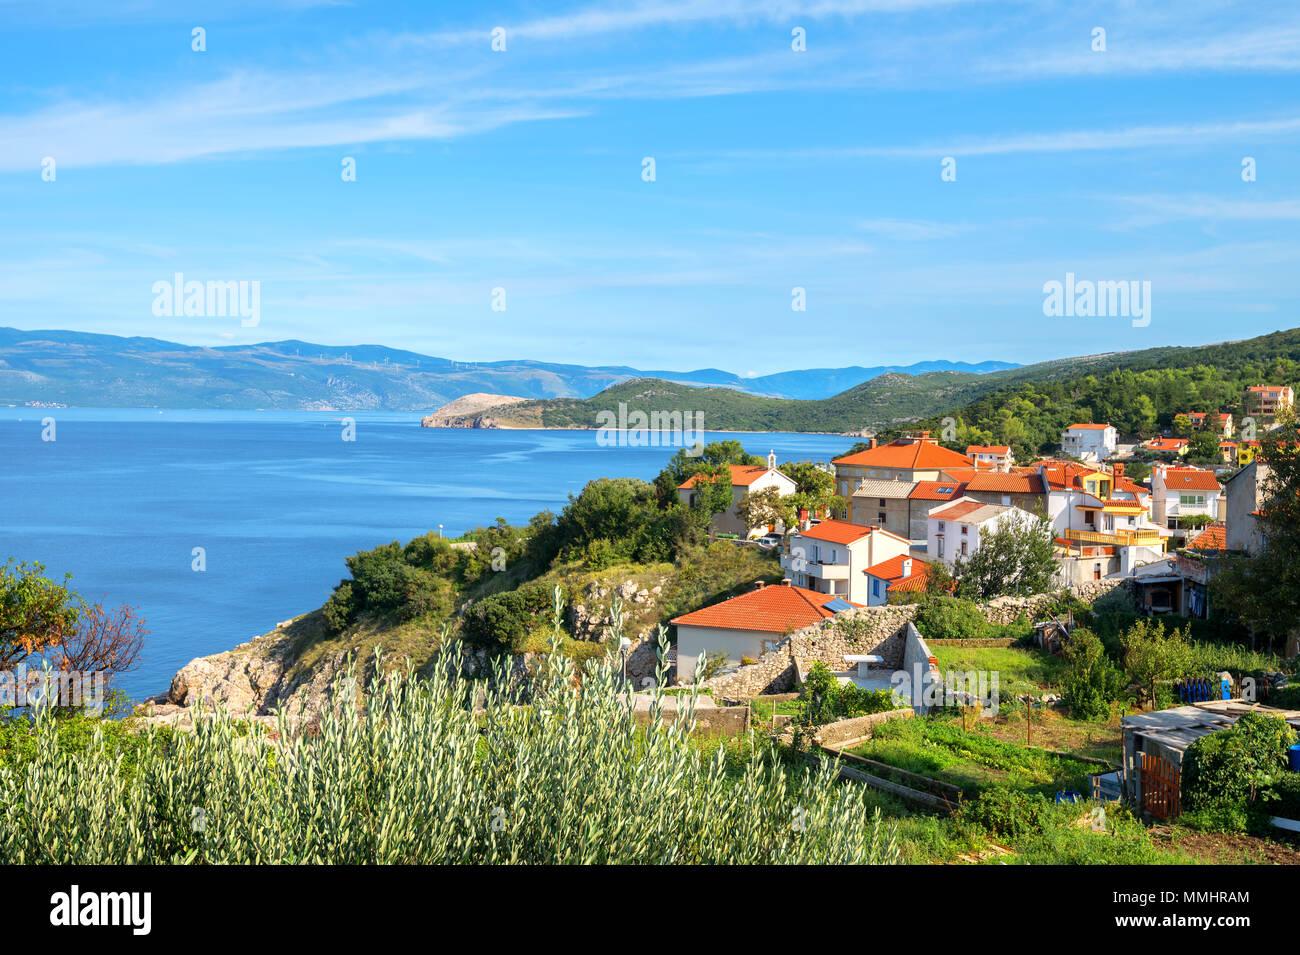 Petit quartier historique de la ville de Baska, sur l'île de Krk. La Croatie Photo Stock